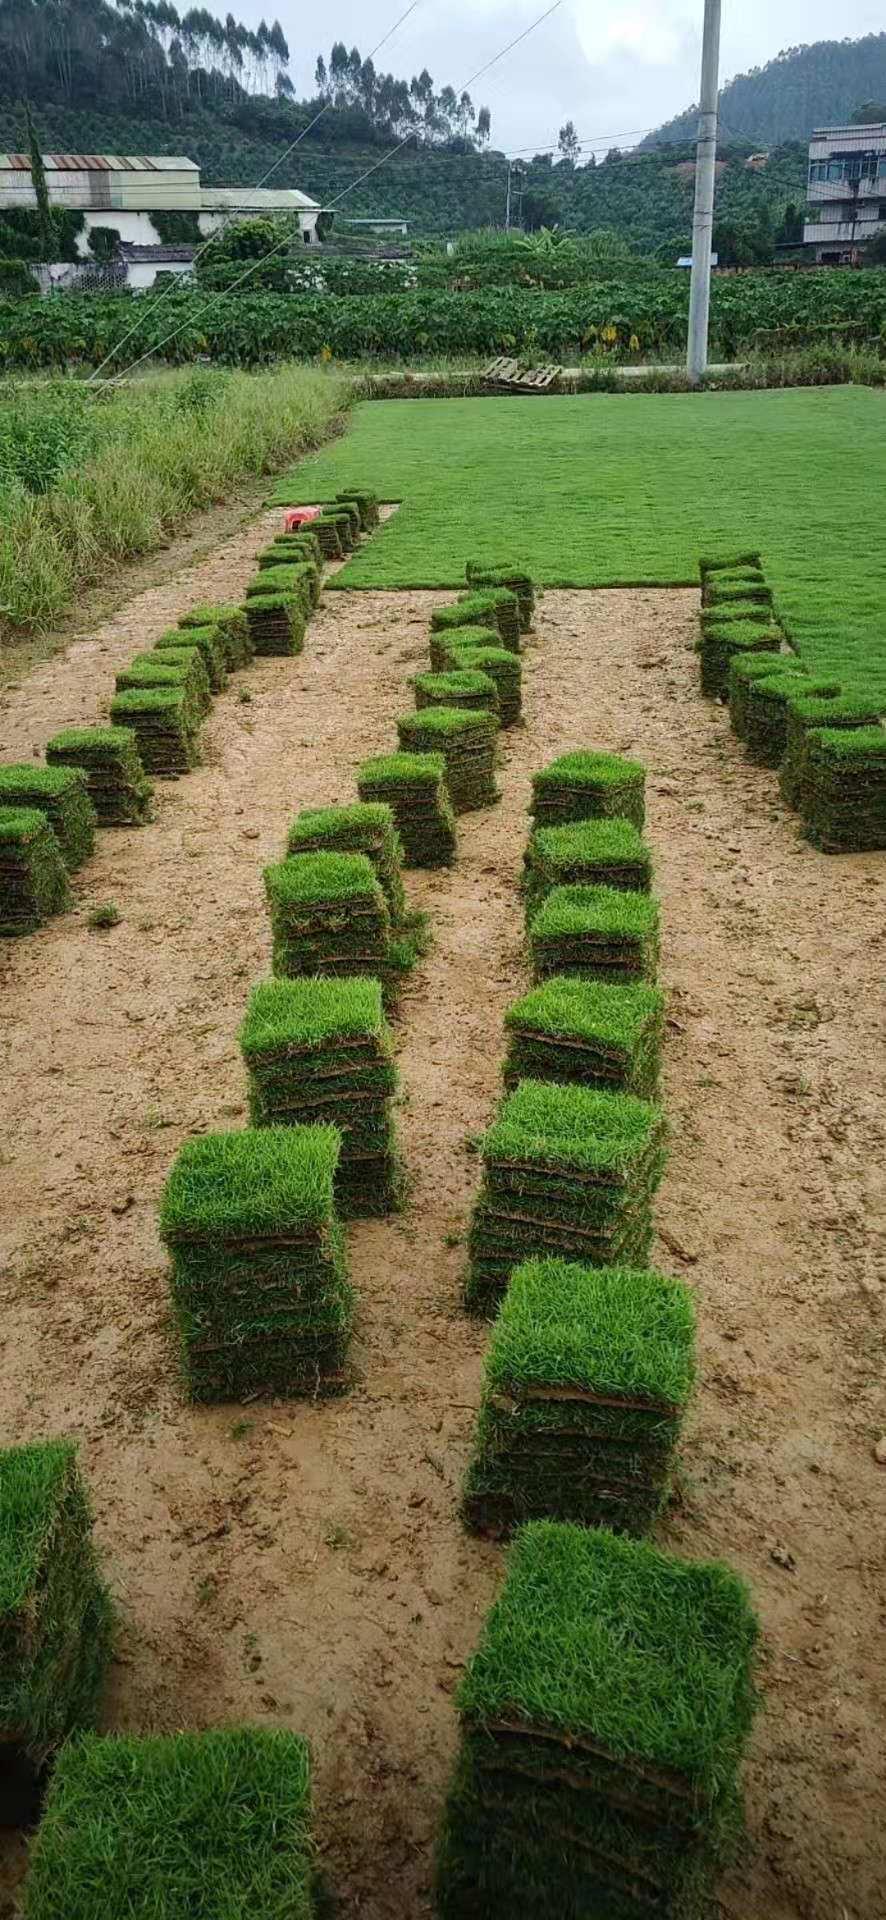 珠海台湾草基地,珠海草皮基地直销,批发,价格,哪里有卖